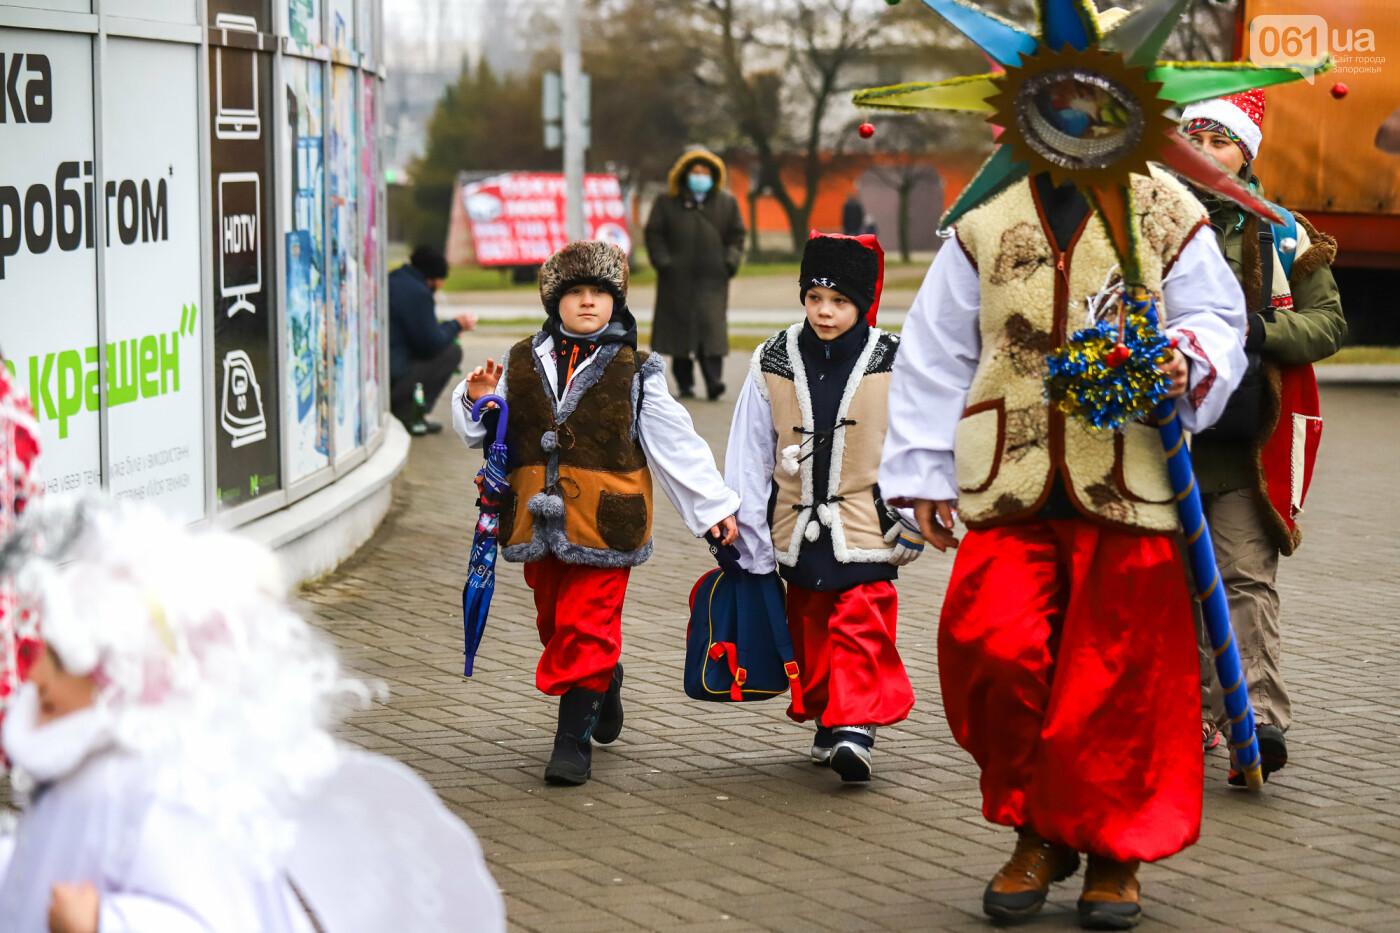 Нечистая сила против казаков: на улицах Запорожья показывали Рождественский вертеп, - ФОТО, ВИДЕО  , фото-4